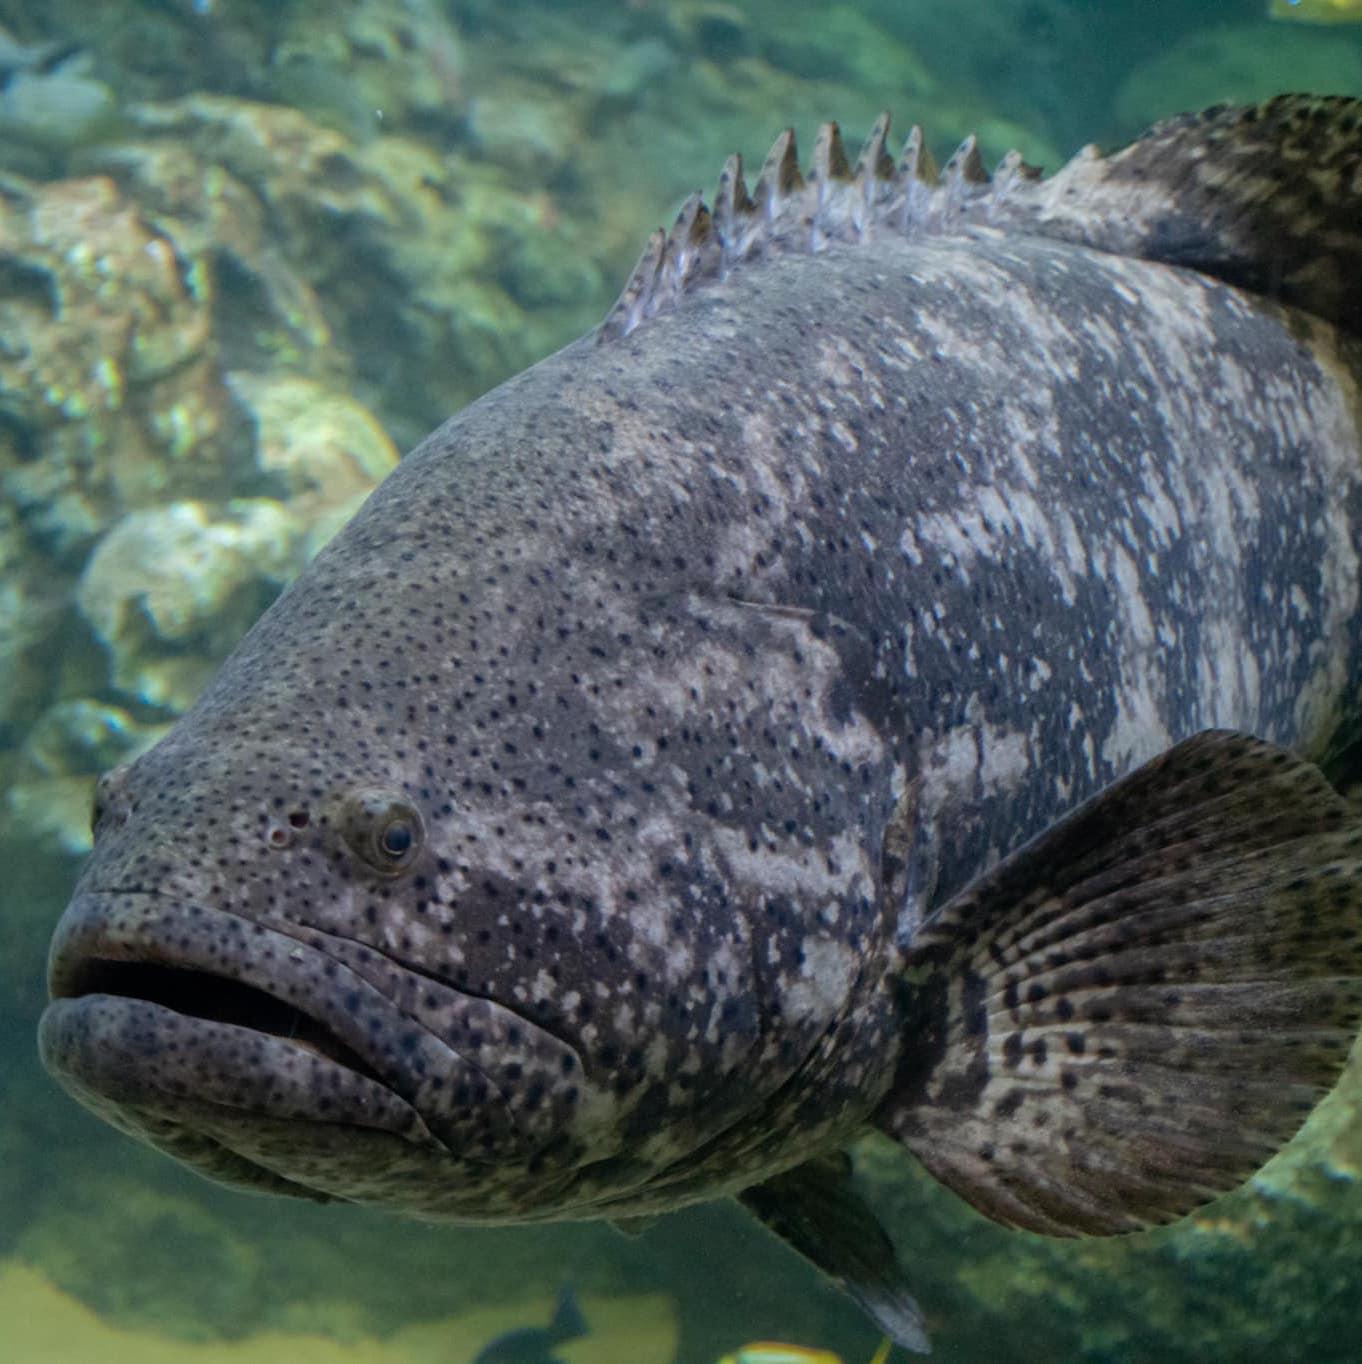 Atlantic goliath grouper  image